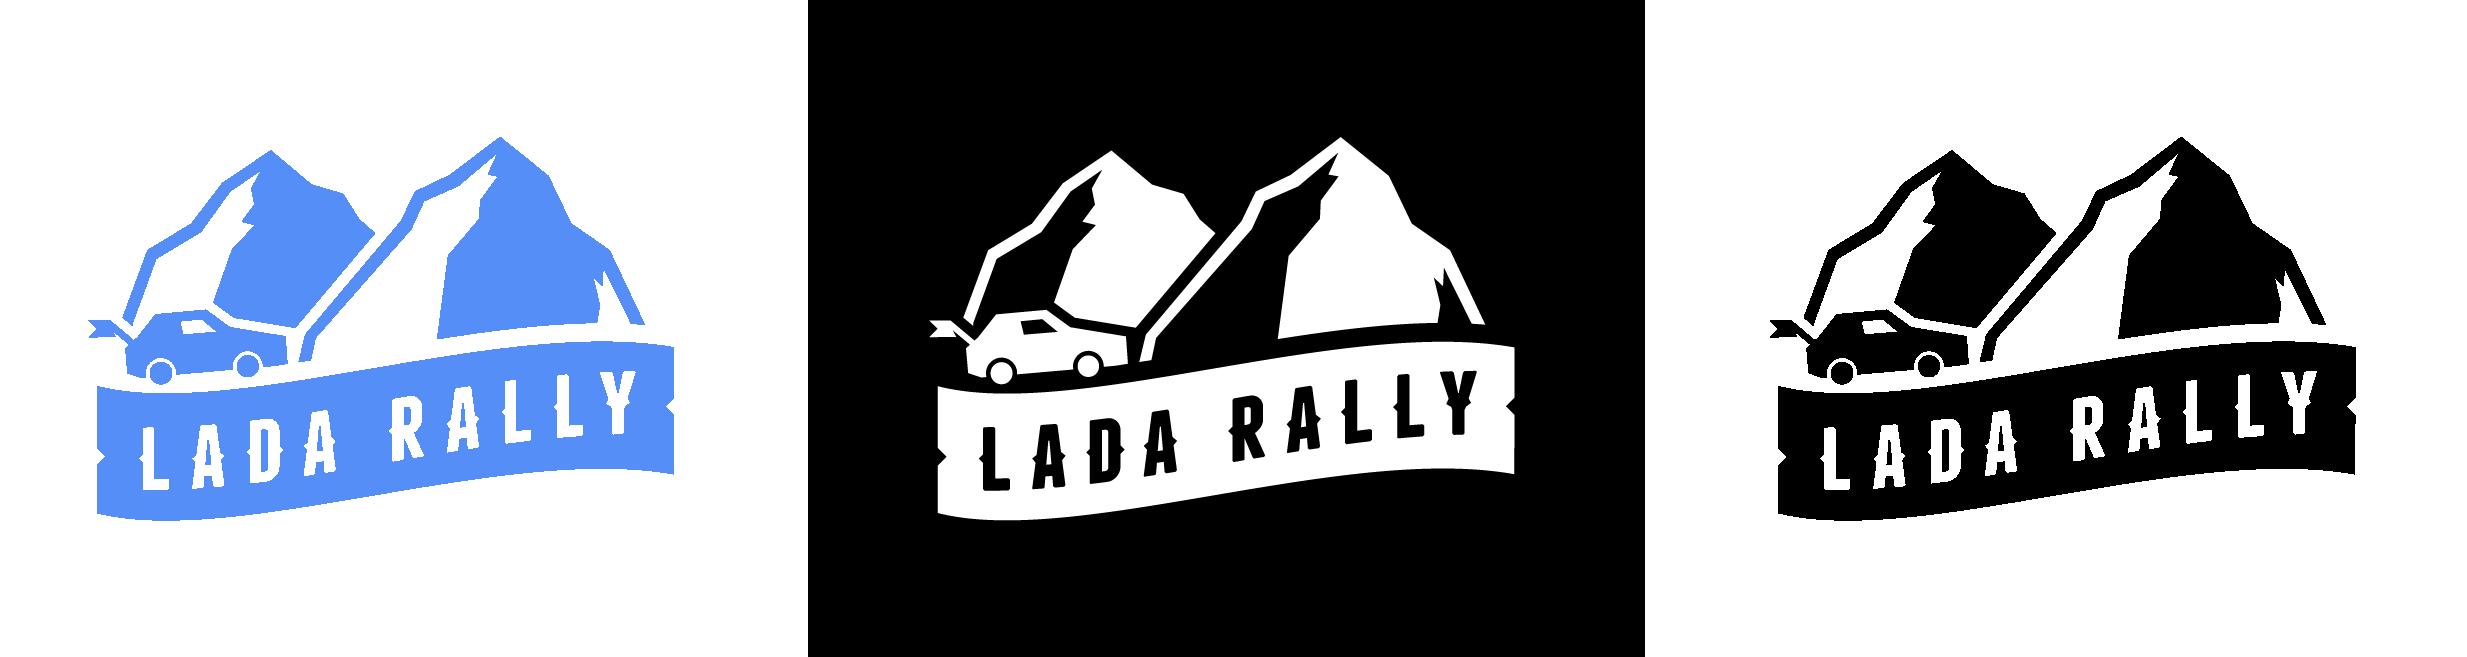 Lada Rally-set-04.png